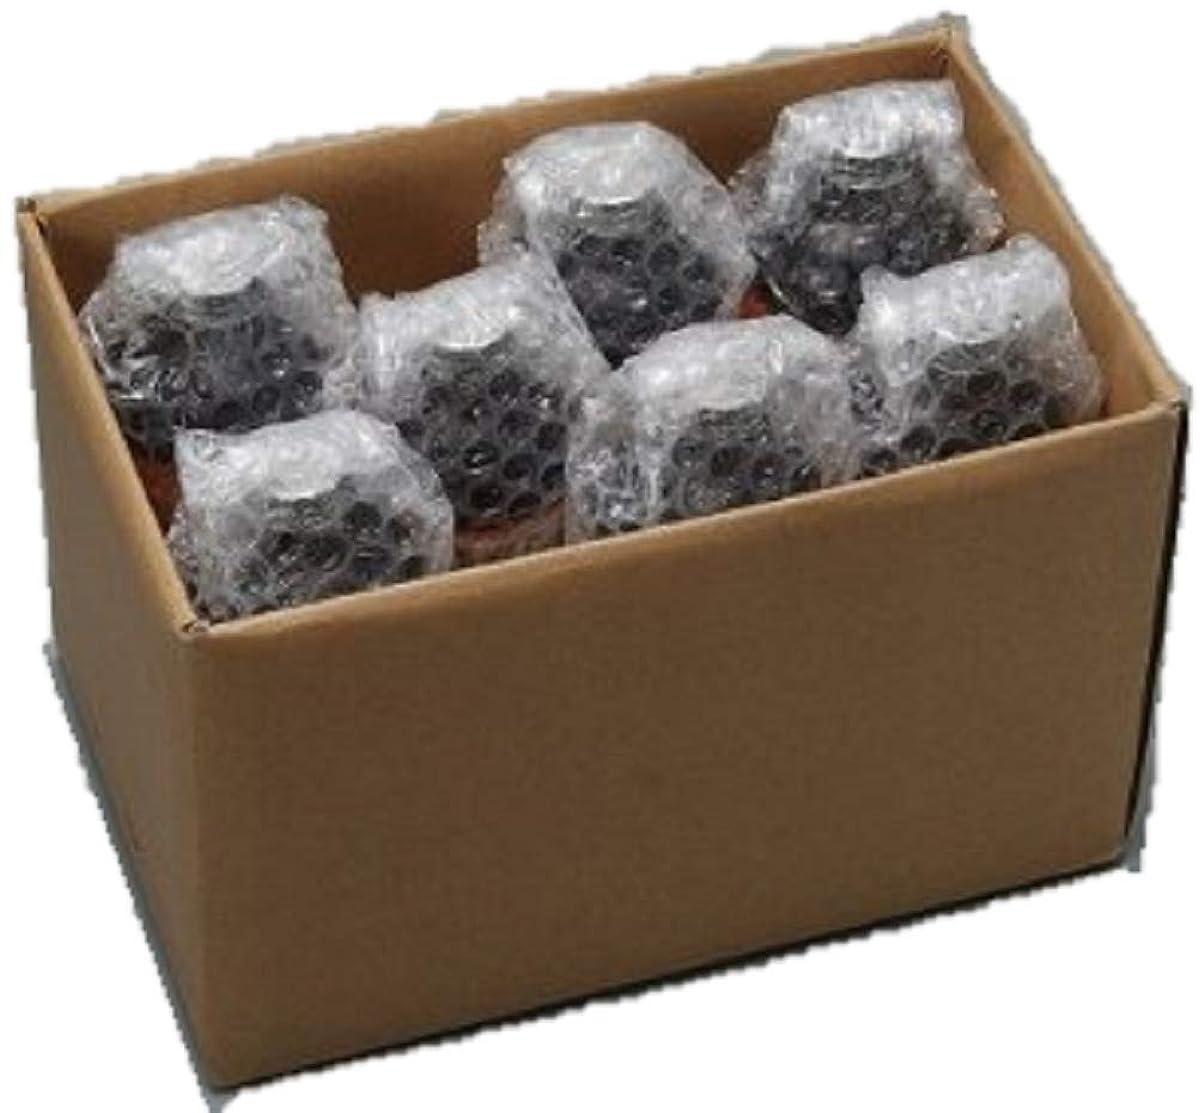 早く法律排除するクール冷蔵便/7本セット/「亜麻仁油(フローラ社製)」(必須脂肪酸オメガ-3の補給源)